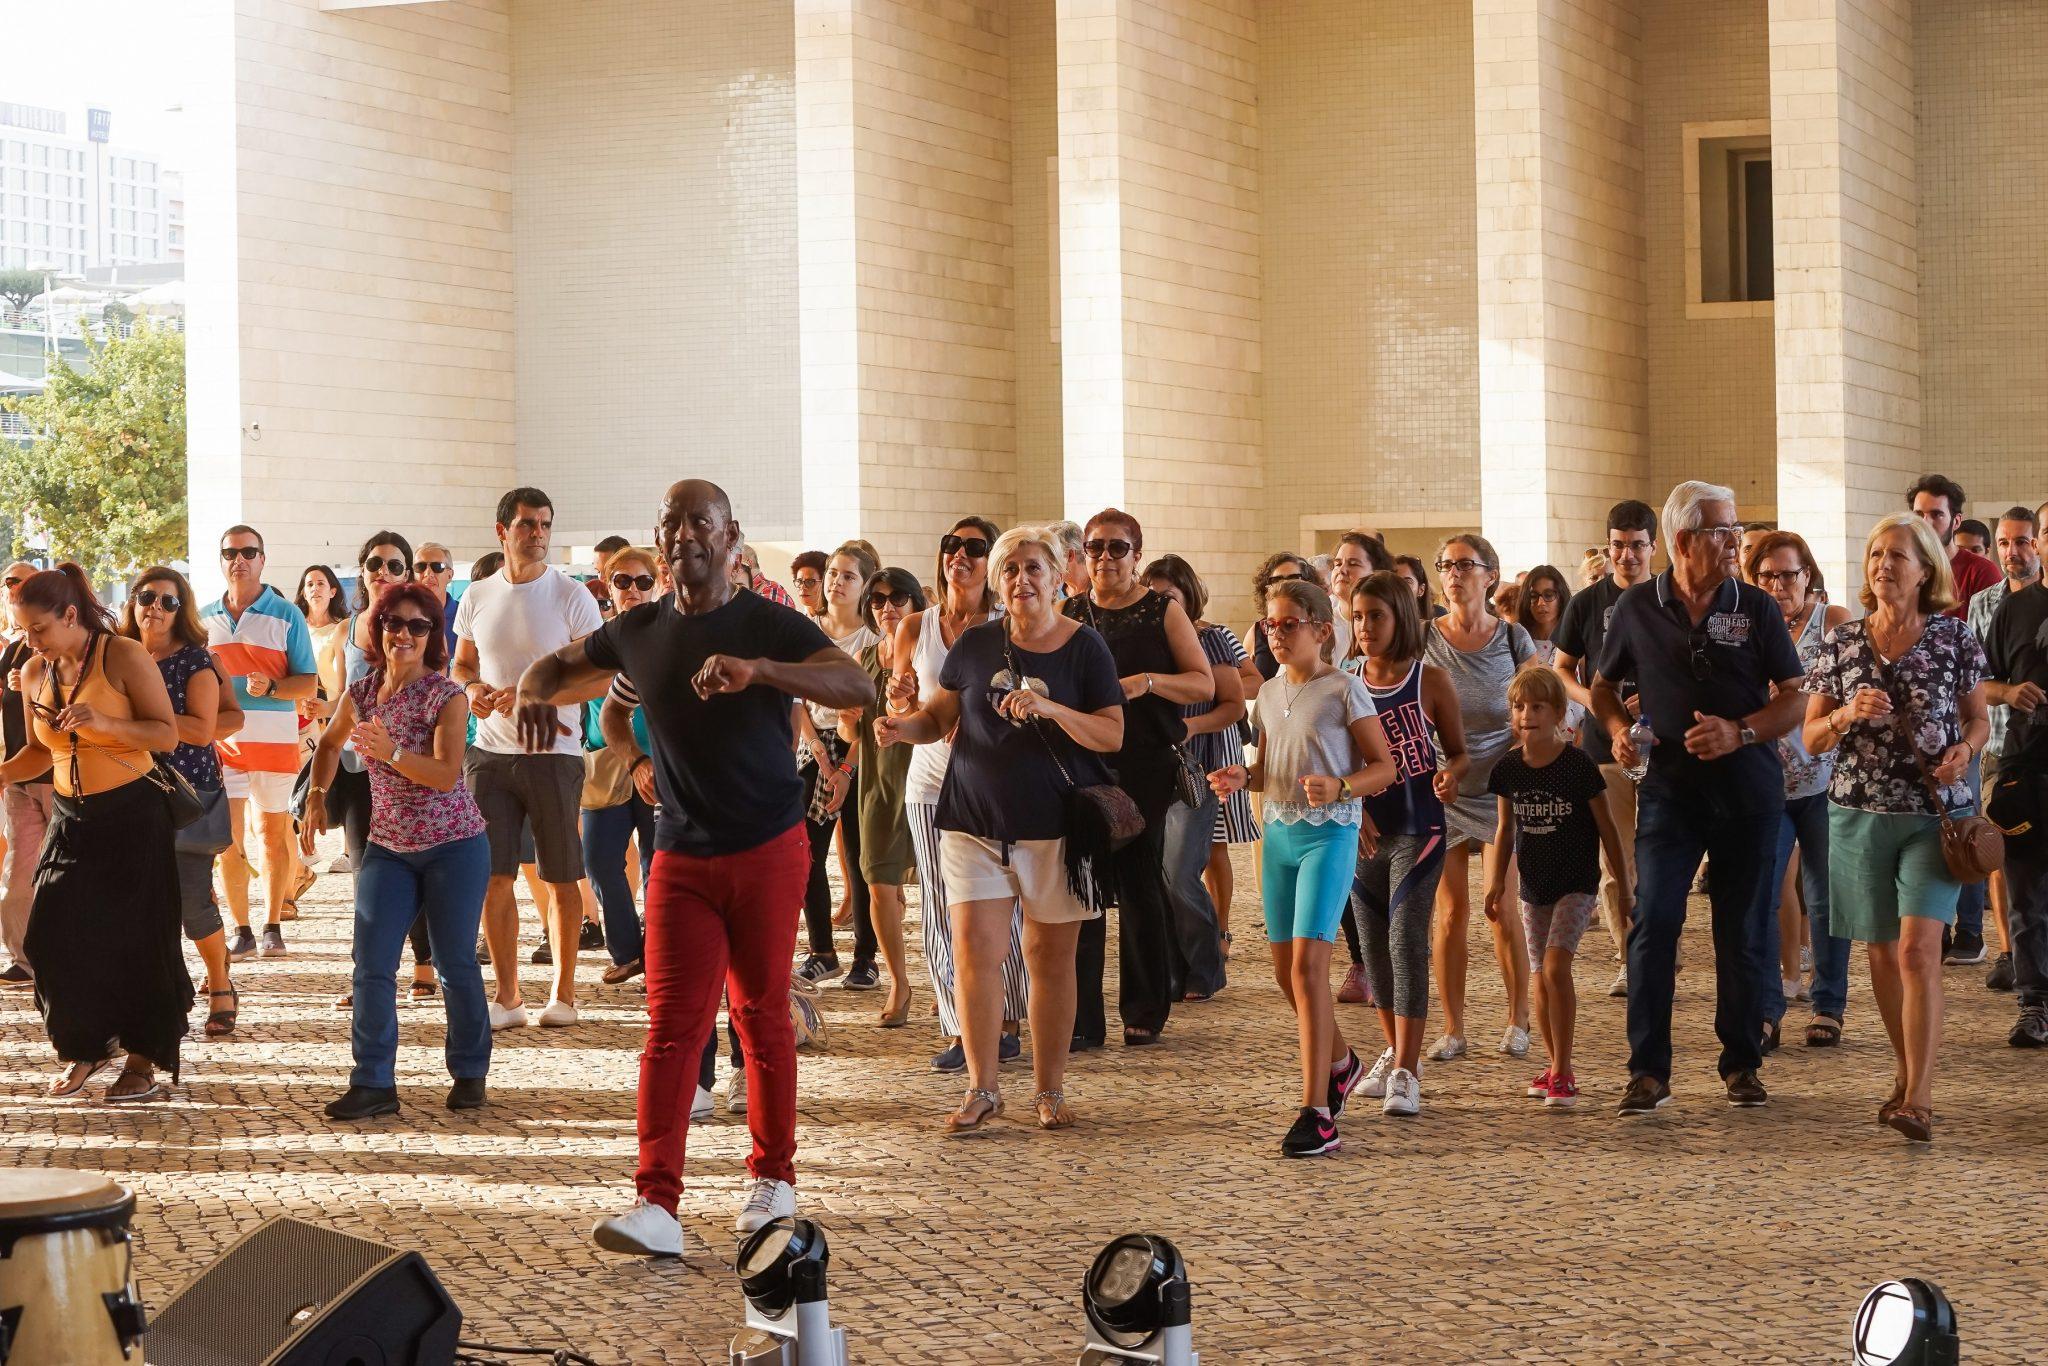 Pessoas a dançar, seguindo os passos de um homem que está em primeiro plano na imagem, todos de frente para o observador, debaixo da pala do Pavilhão de Portugal no Parque das Nações